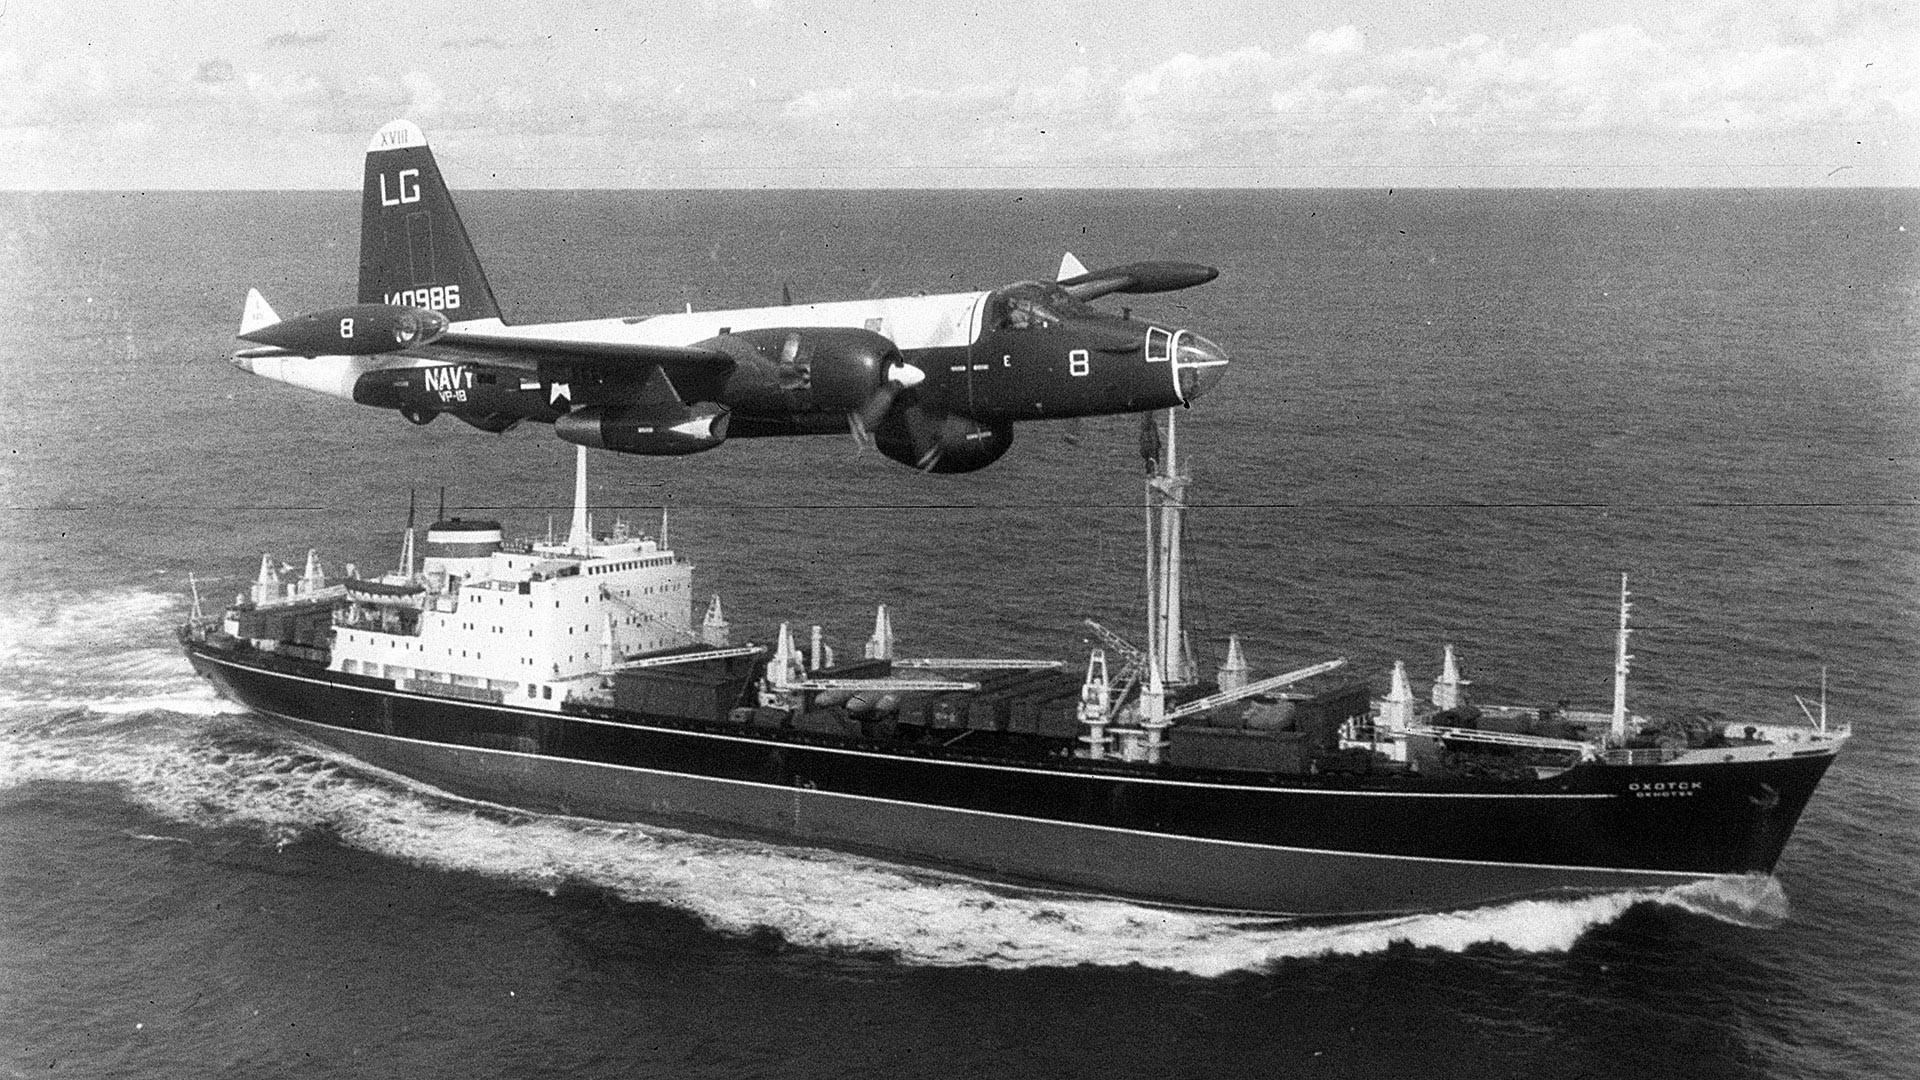 Ameriško patruljno letalo P2V Neptune preletava sovjetsko tovorno ladjo med kubansko raketno krizo.